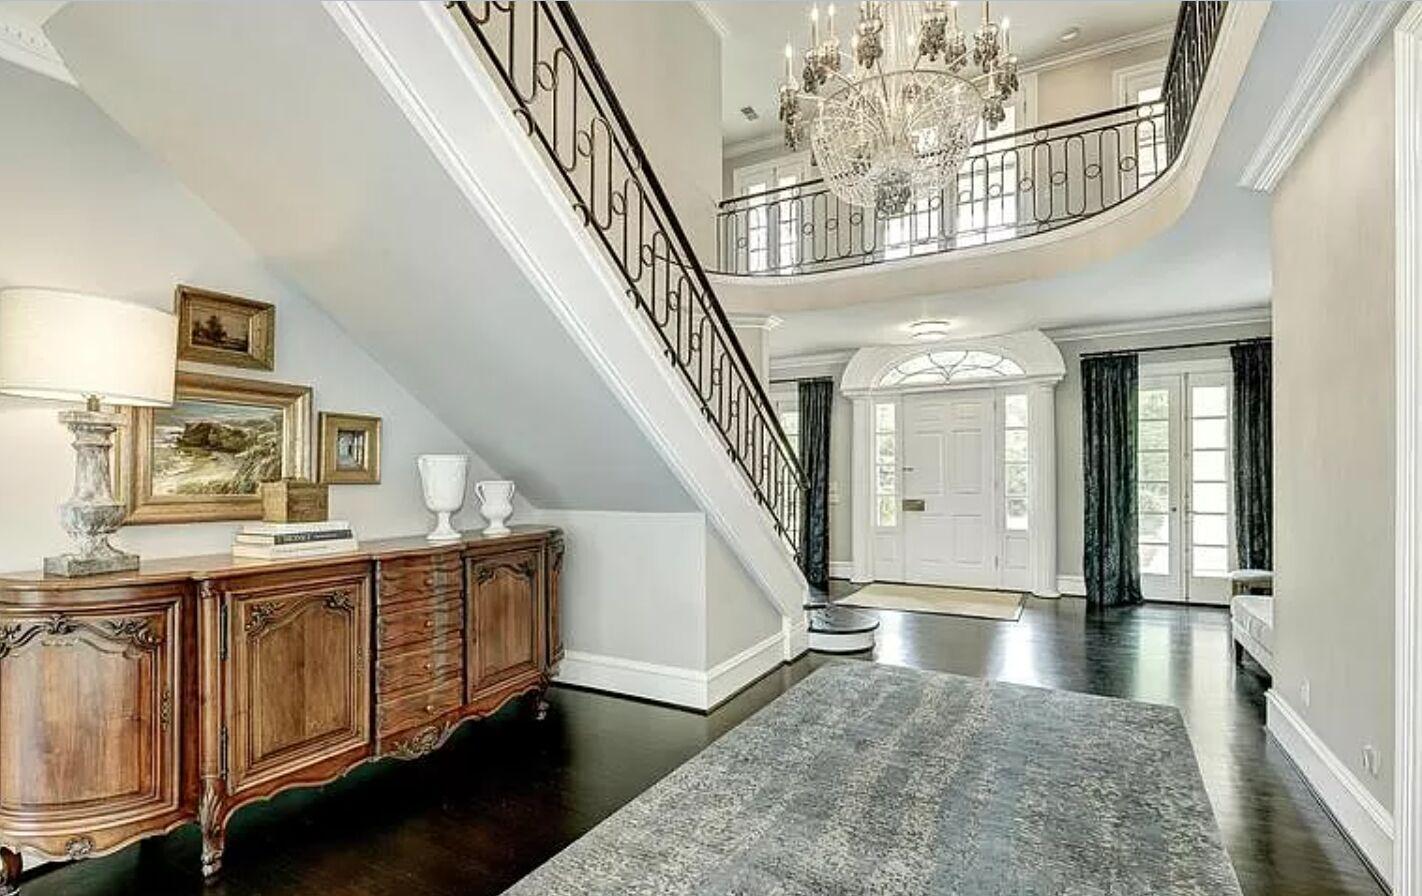 Внутри резиденции – мраморная лестница, высокие потолки и интерьеры в сдержанных светлых тонах.